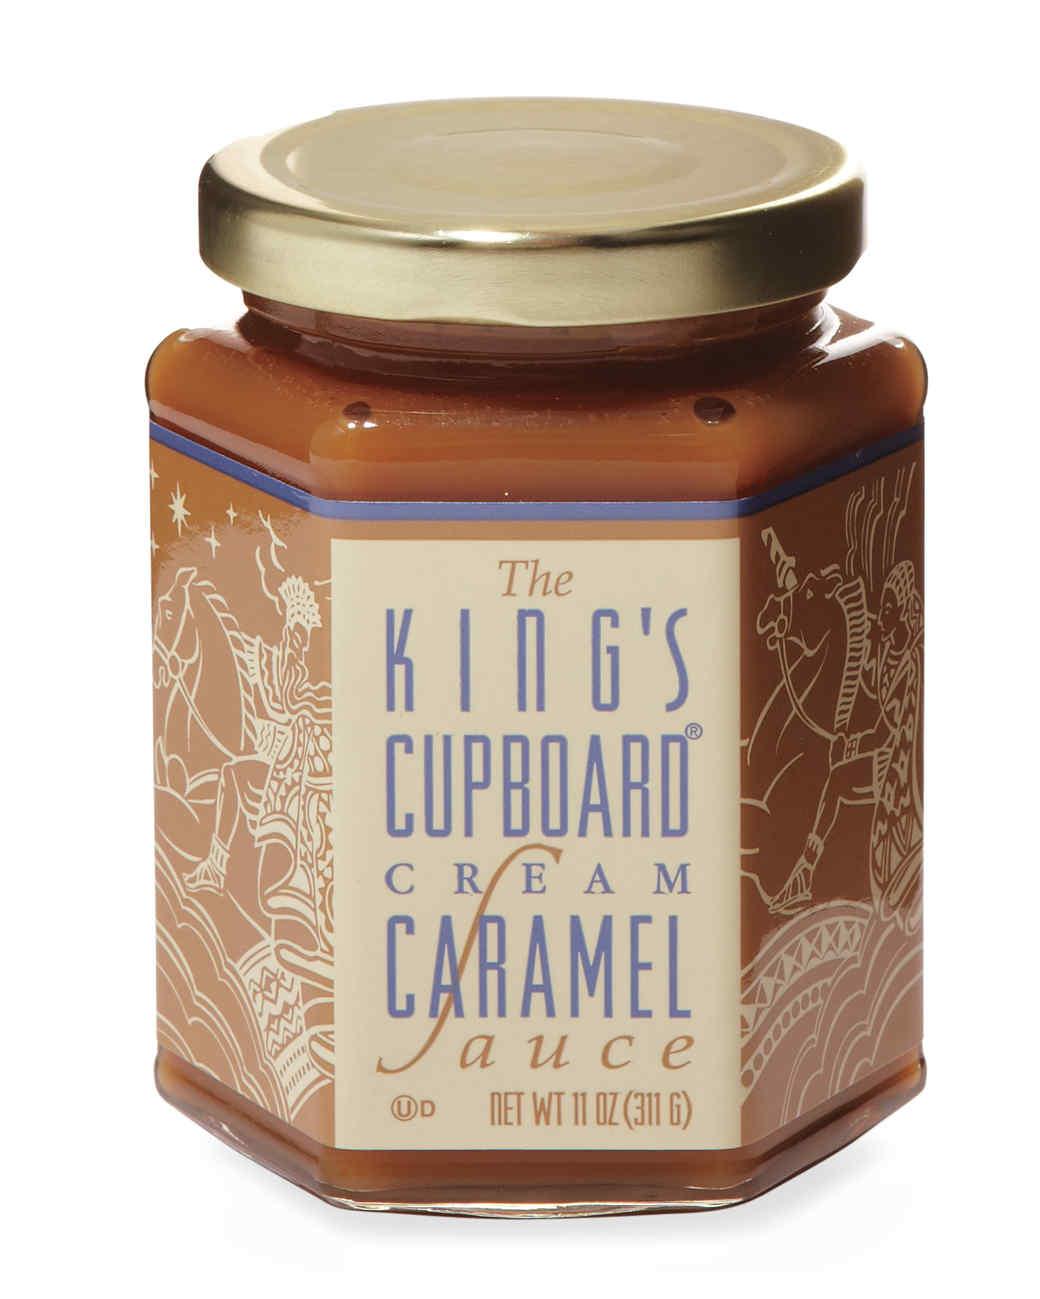 caramel-sauce-mld108414.jpg